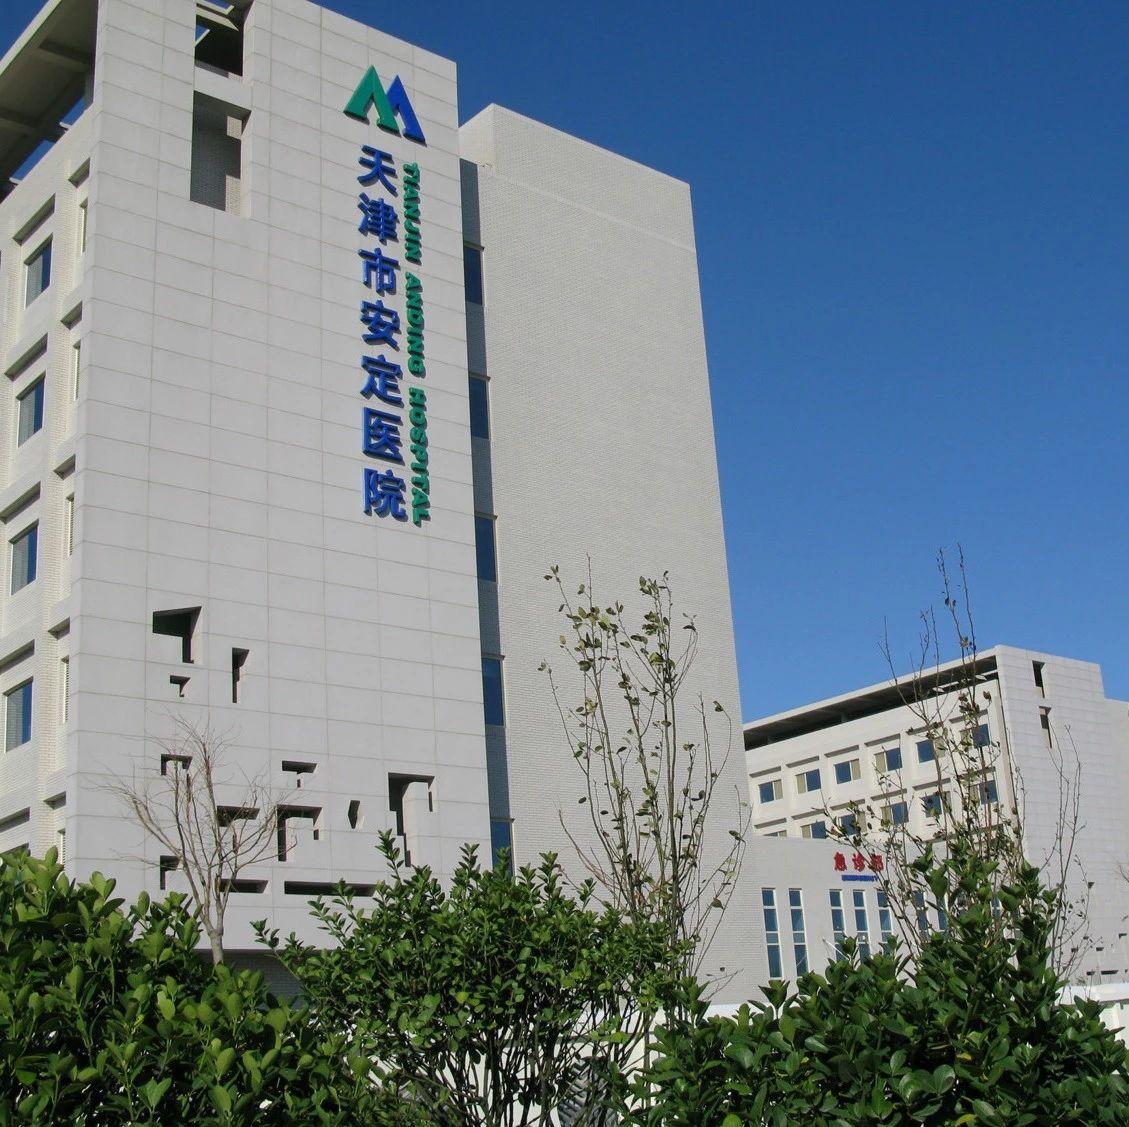 【温馨提示】天津市安定医院开通在线问诊服务